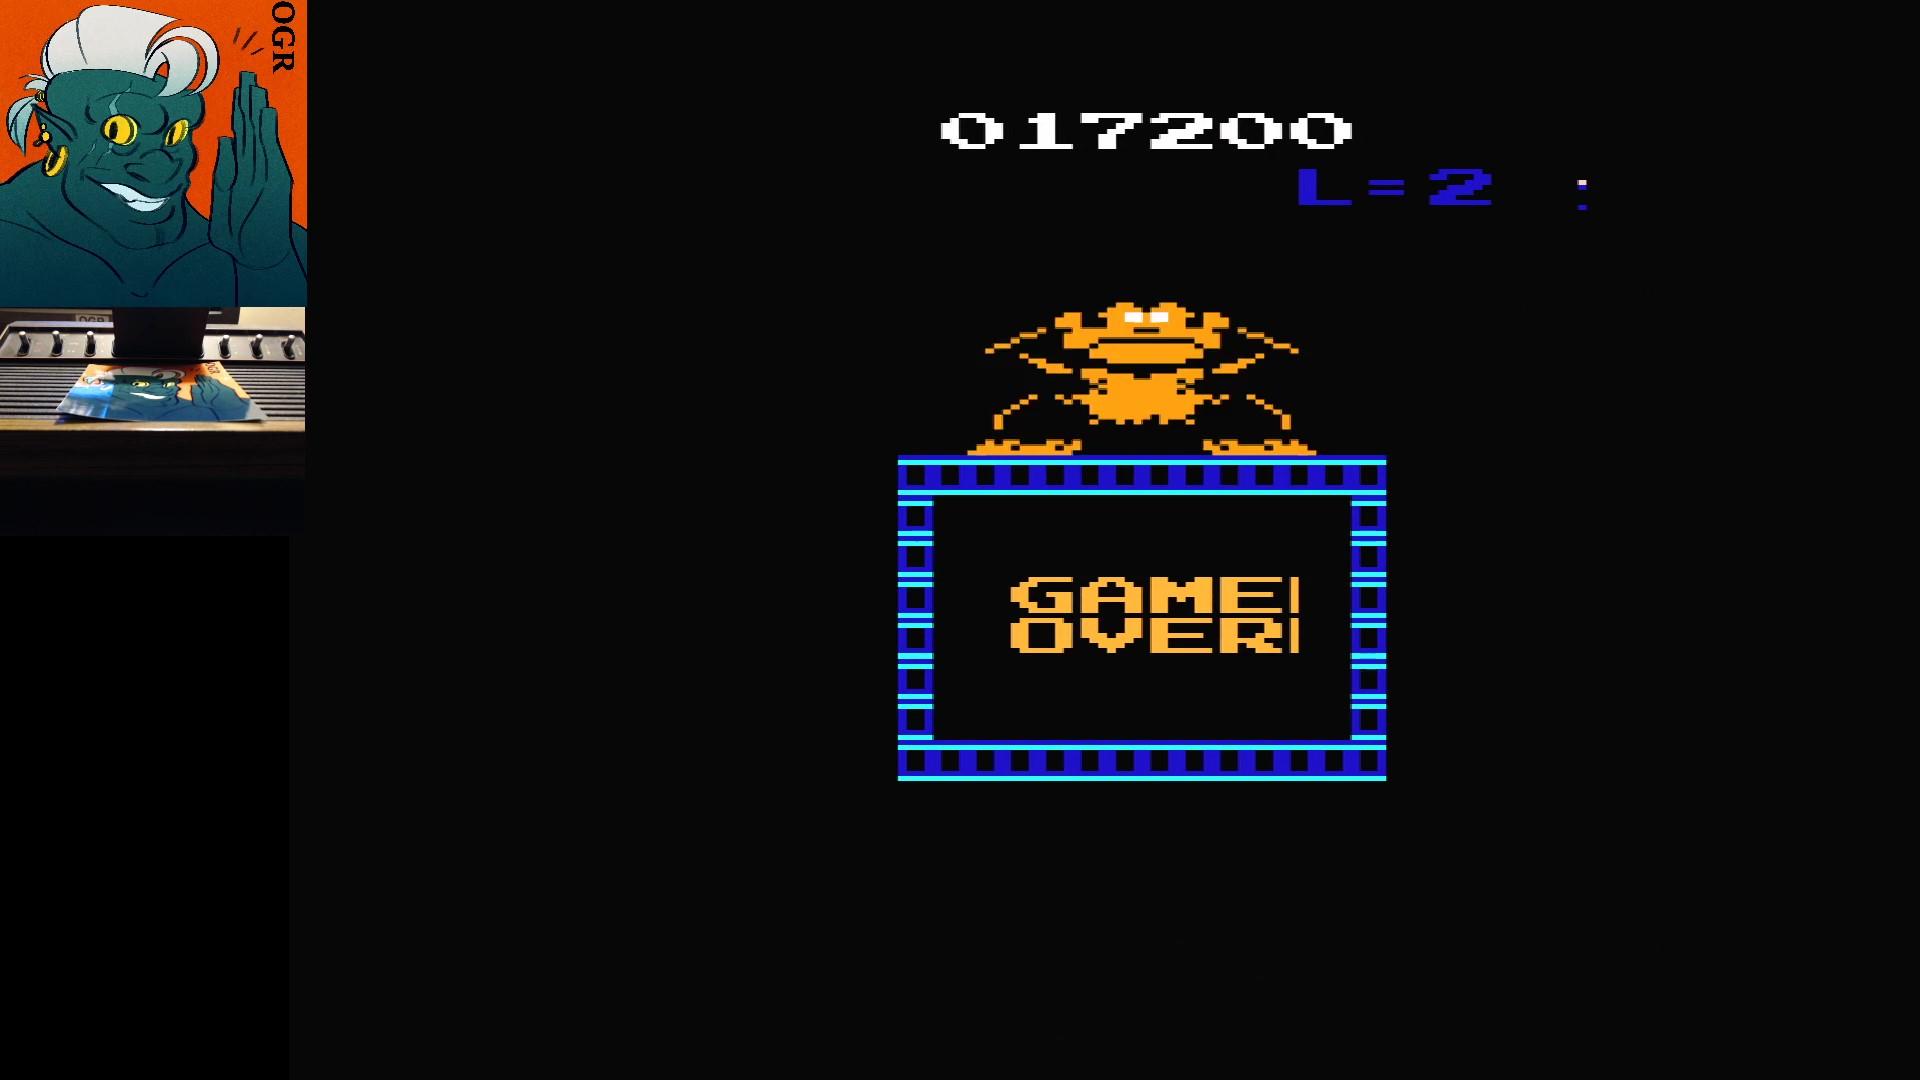 Donkey Kong VCS 17,200 points